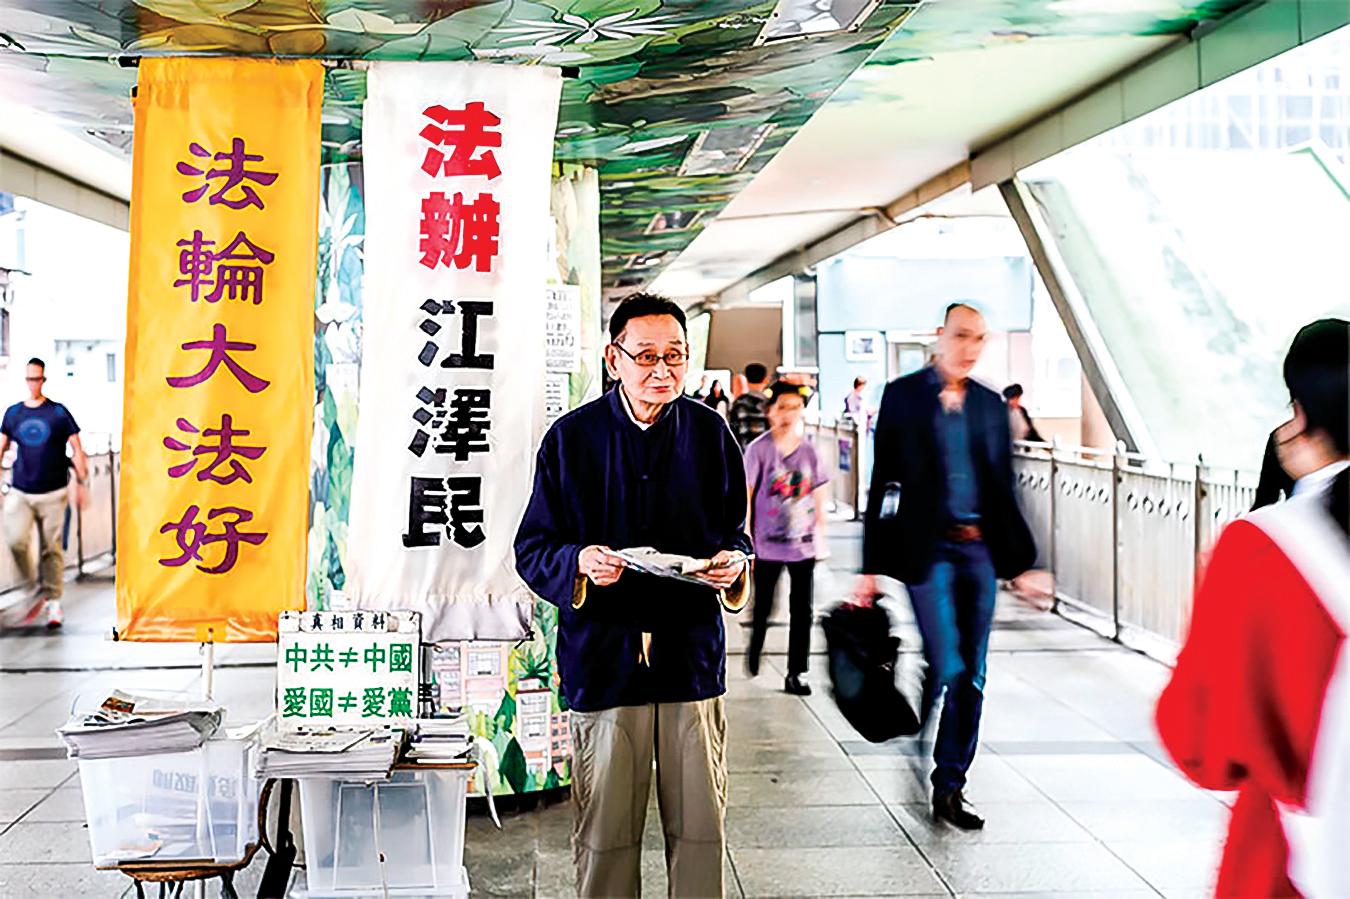 香港法輪功學員在遊行中揭露中共滅絕人性的暴行,包括將法輪功學員的器官活體摘除販賣謀求暴利,以及對大陸法輪功學員進行群體滅絕的罪行。(大紀元資料圖片)